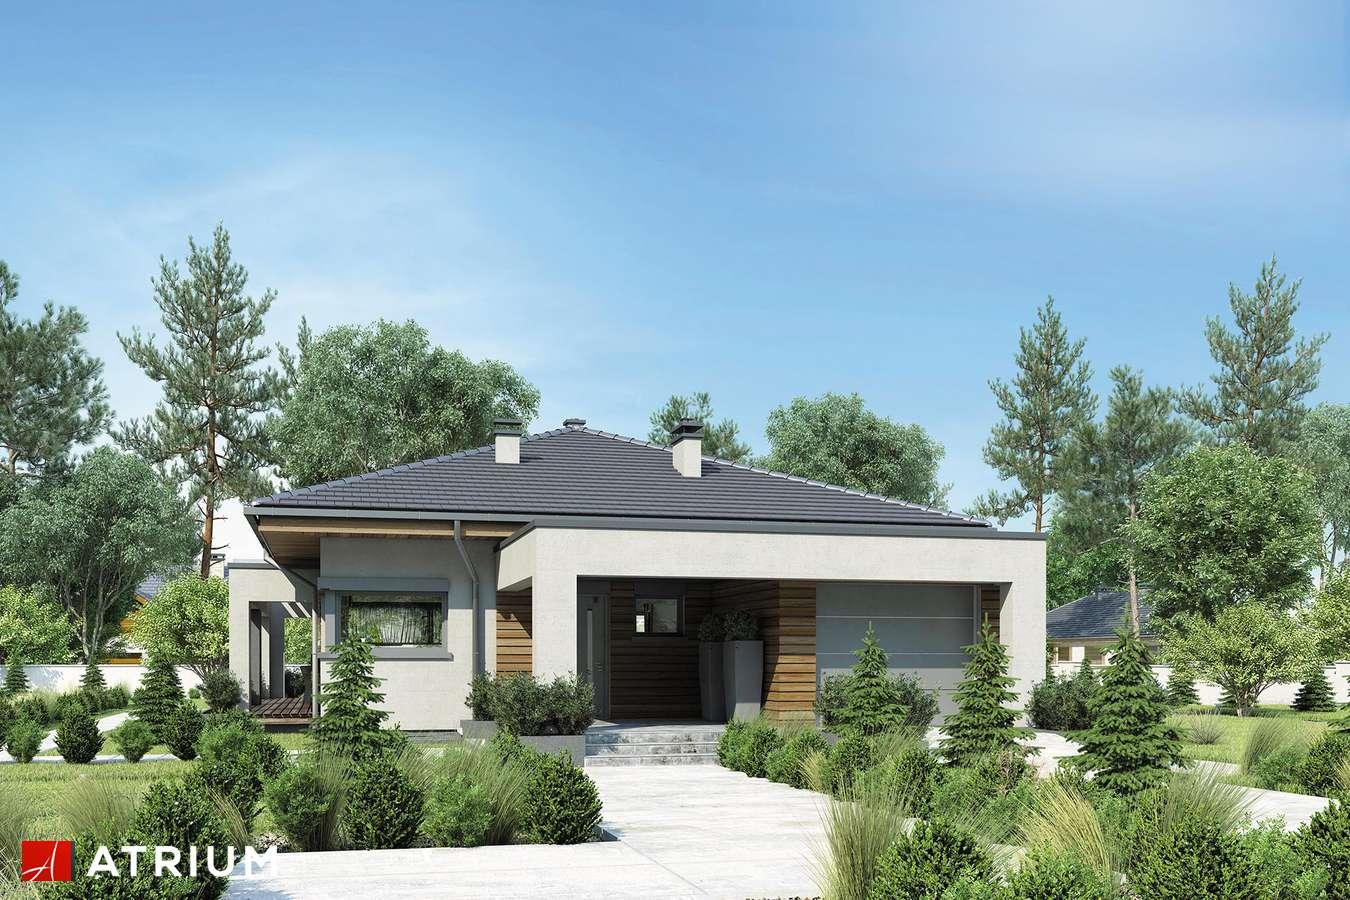 Projekty domów - Projekt domu parterowego SARDYNIA - wizualizacja 1